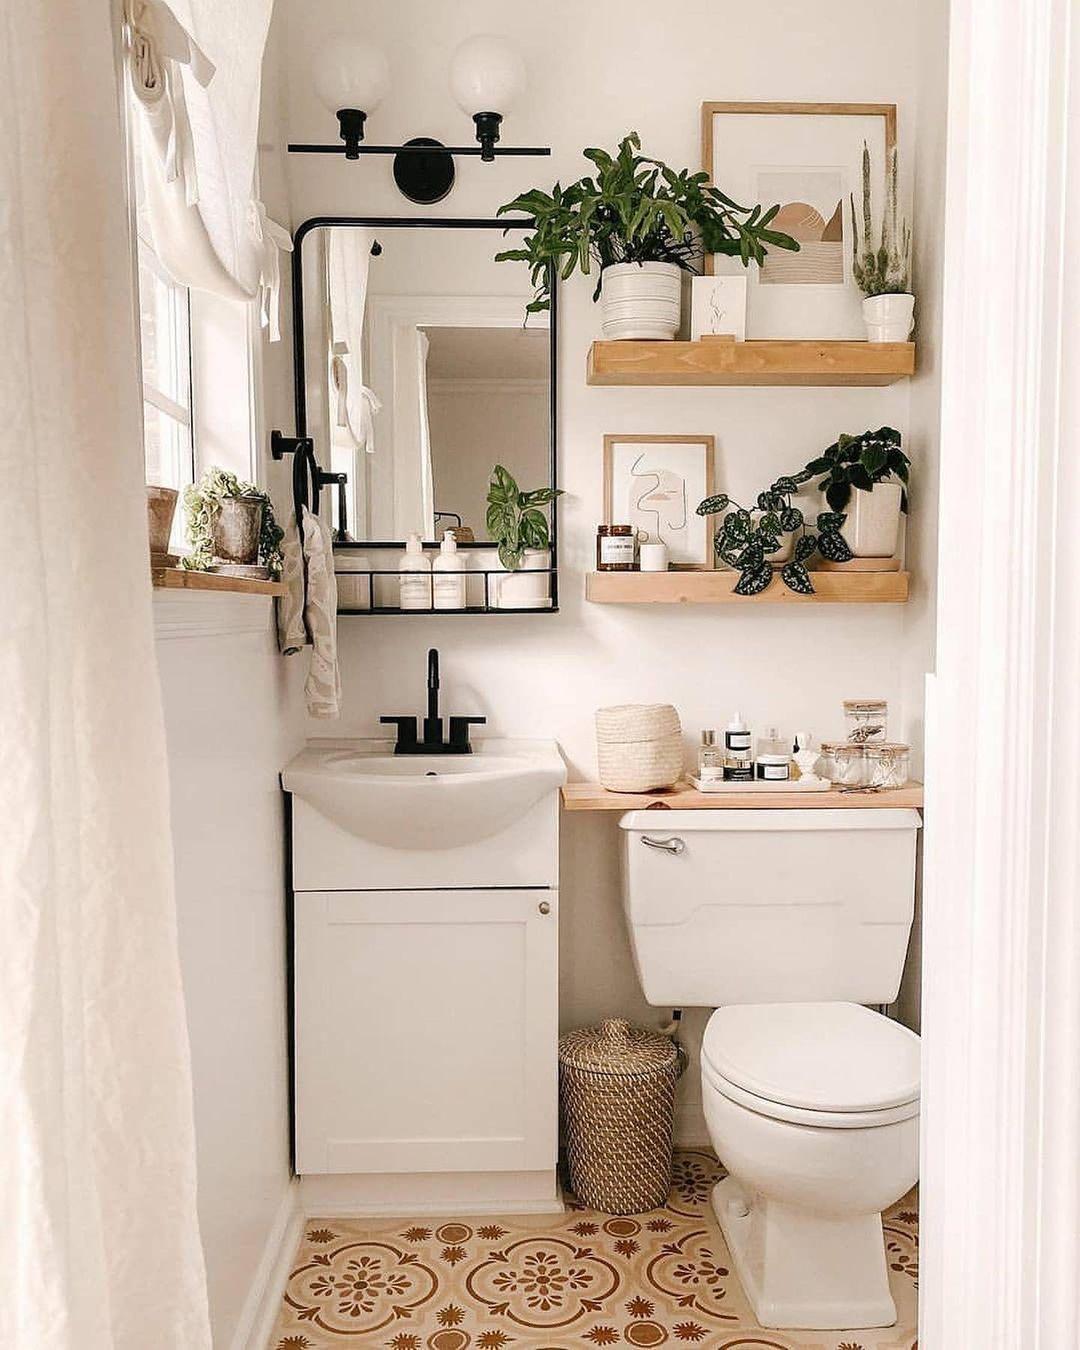 Home decor dream decorate small bathroom